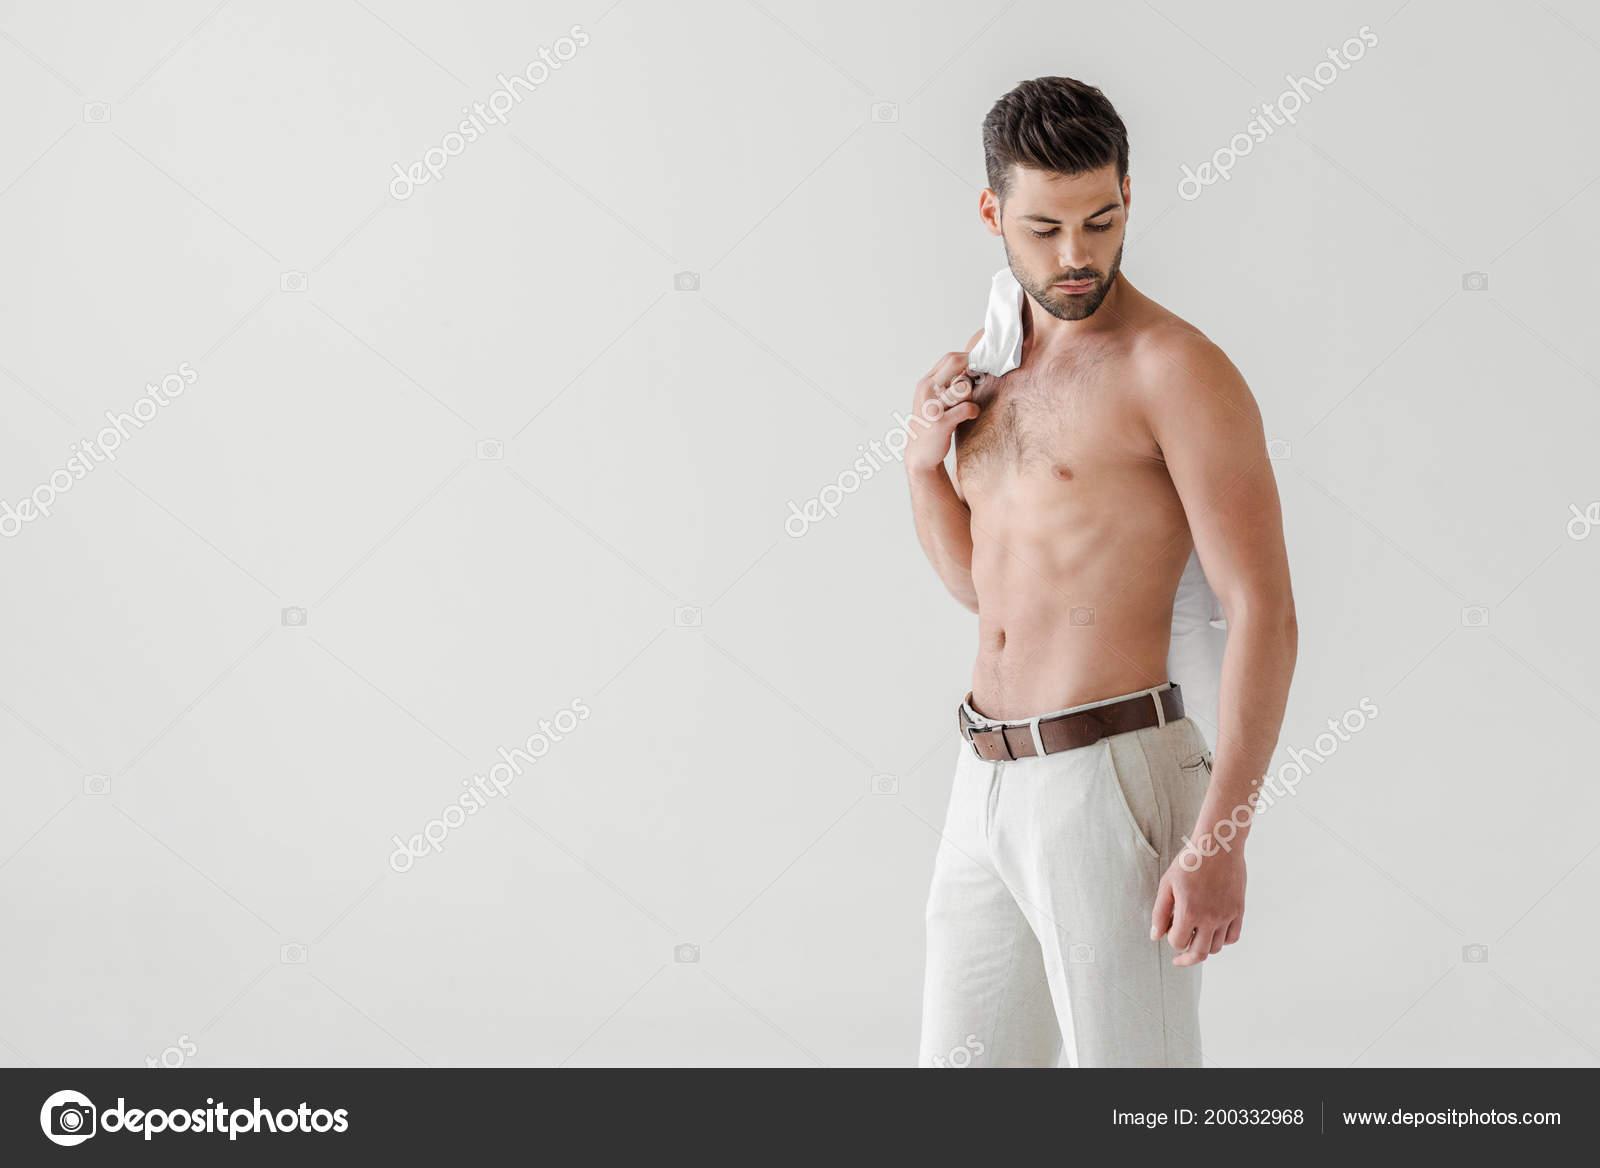 3ef5ae82 Hombre Guapo Topless Posando Con Camiseta Hombro Aislado Sobre Fondo ...